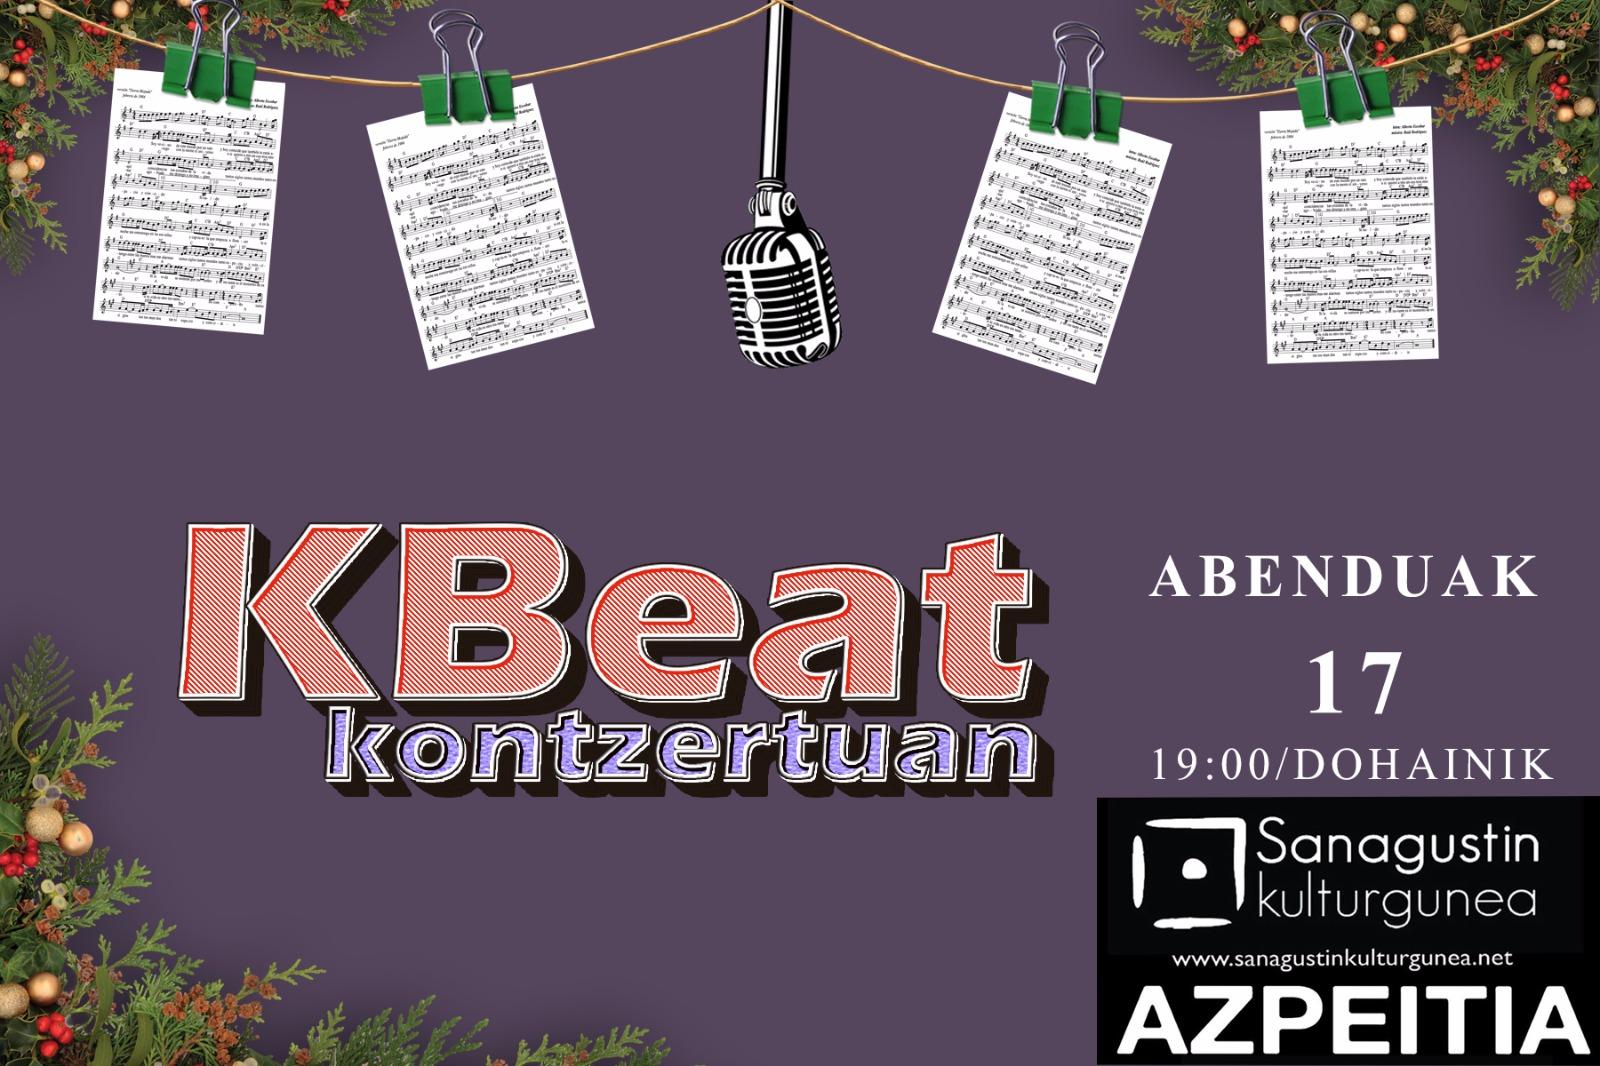 KBeat abesbatza